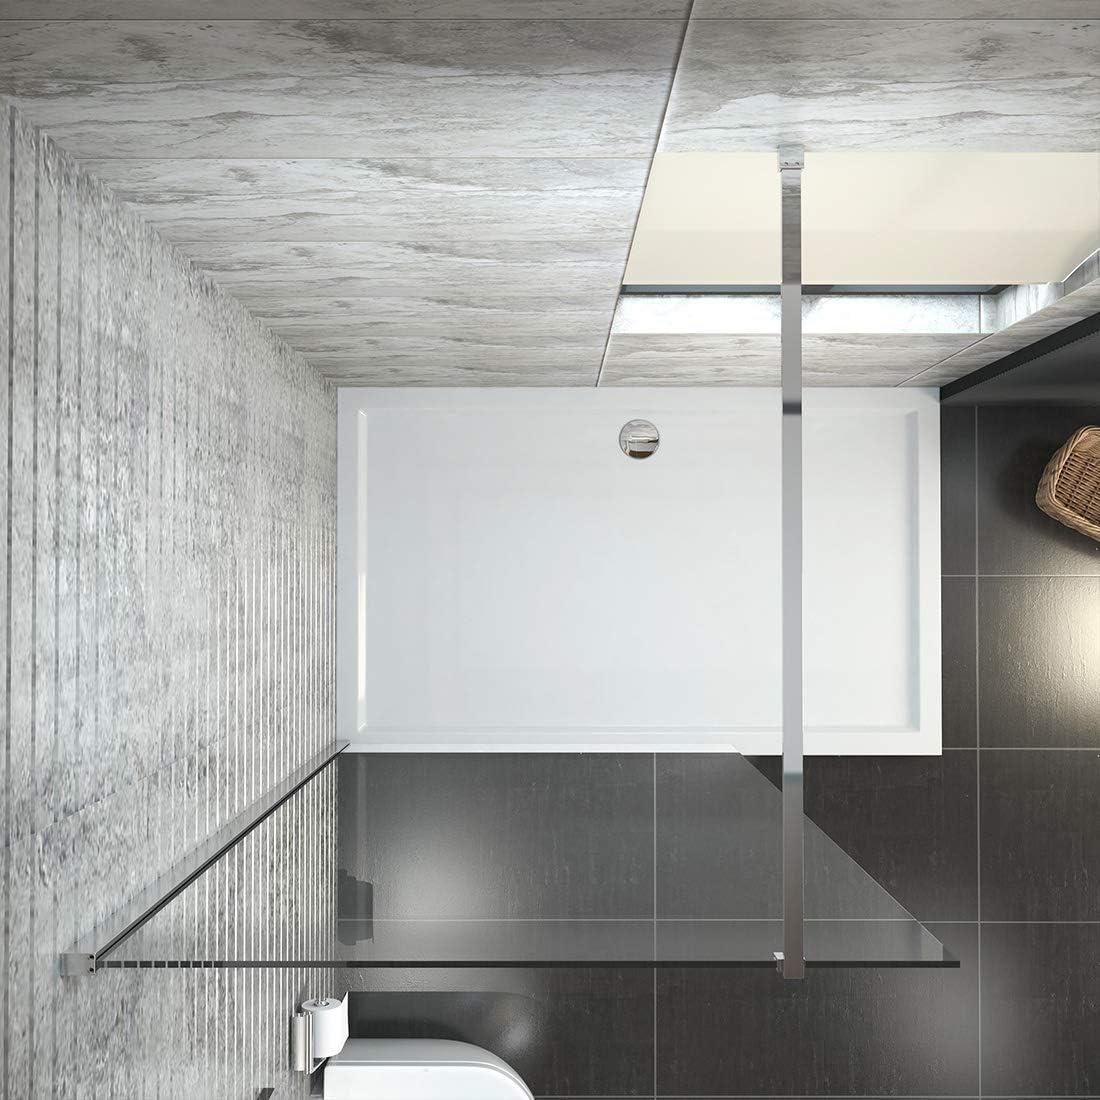 düravak ducha Walk In Mampara de ducha (Cristal de 6 mm Nano Leche Frosted separador de cristal ahumado con barra de estabilización: Amazon.es: Bricolaje y herramientas